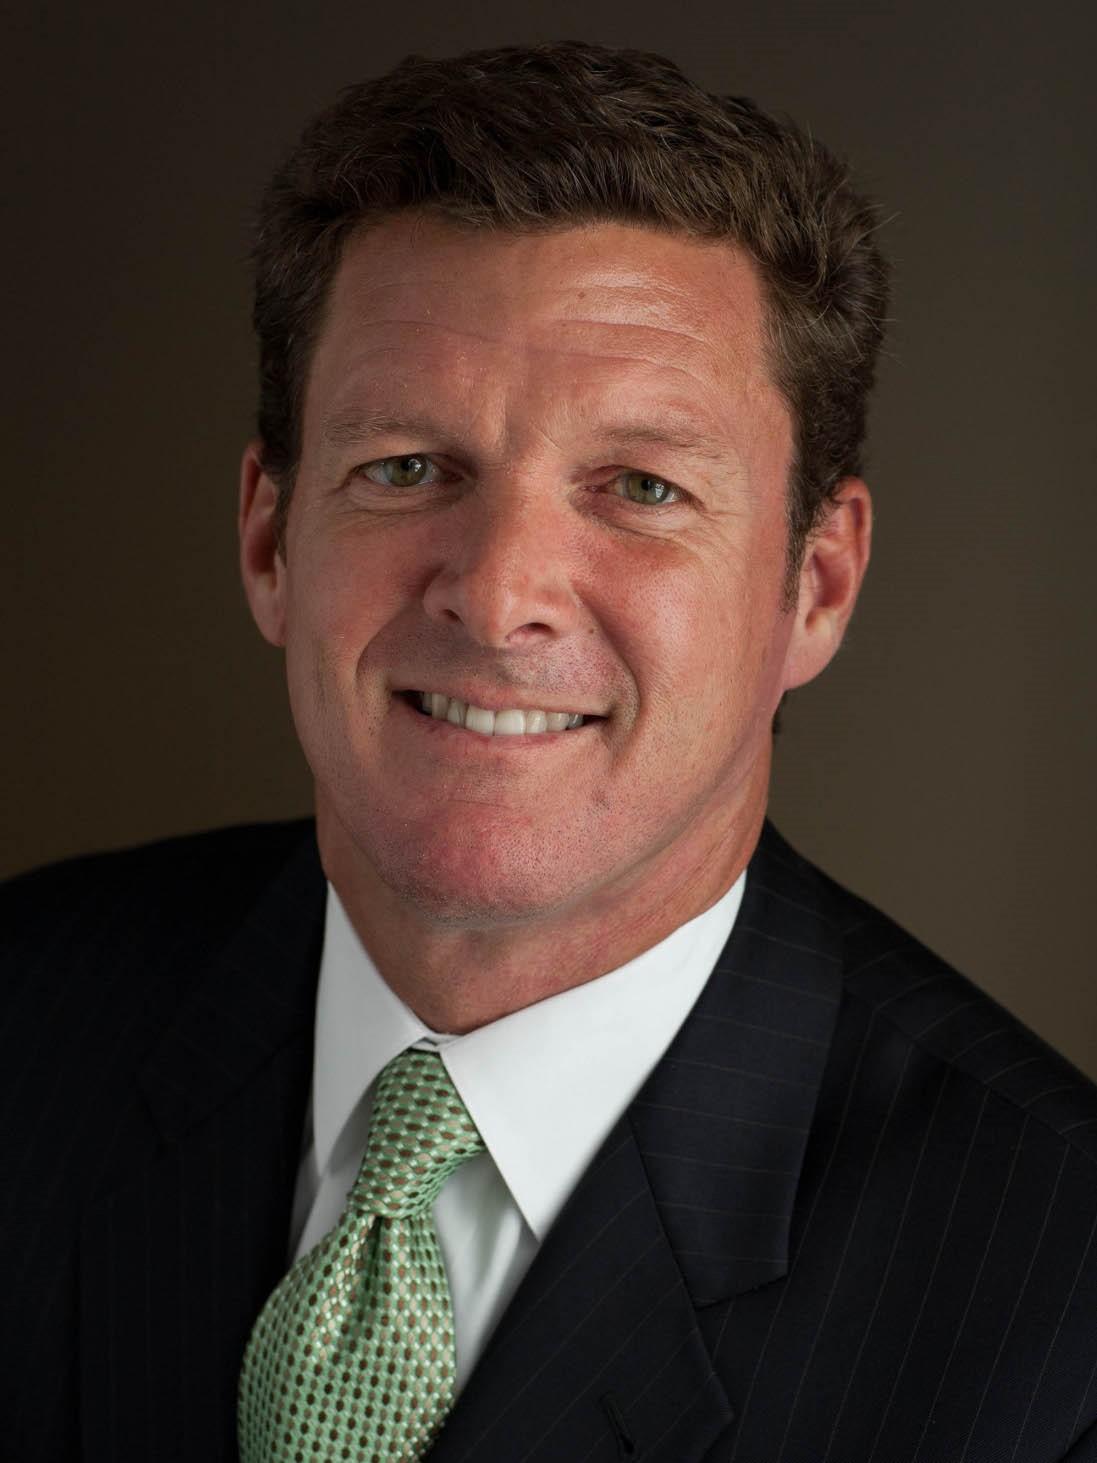 James Schroeder